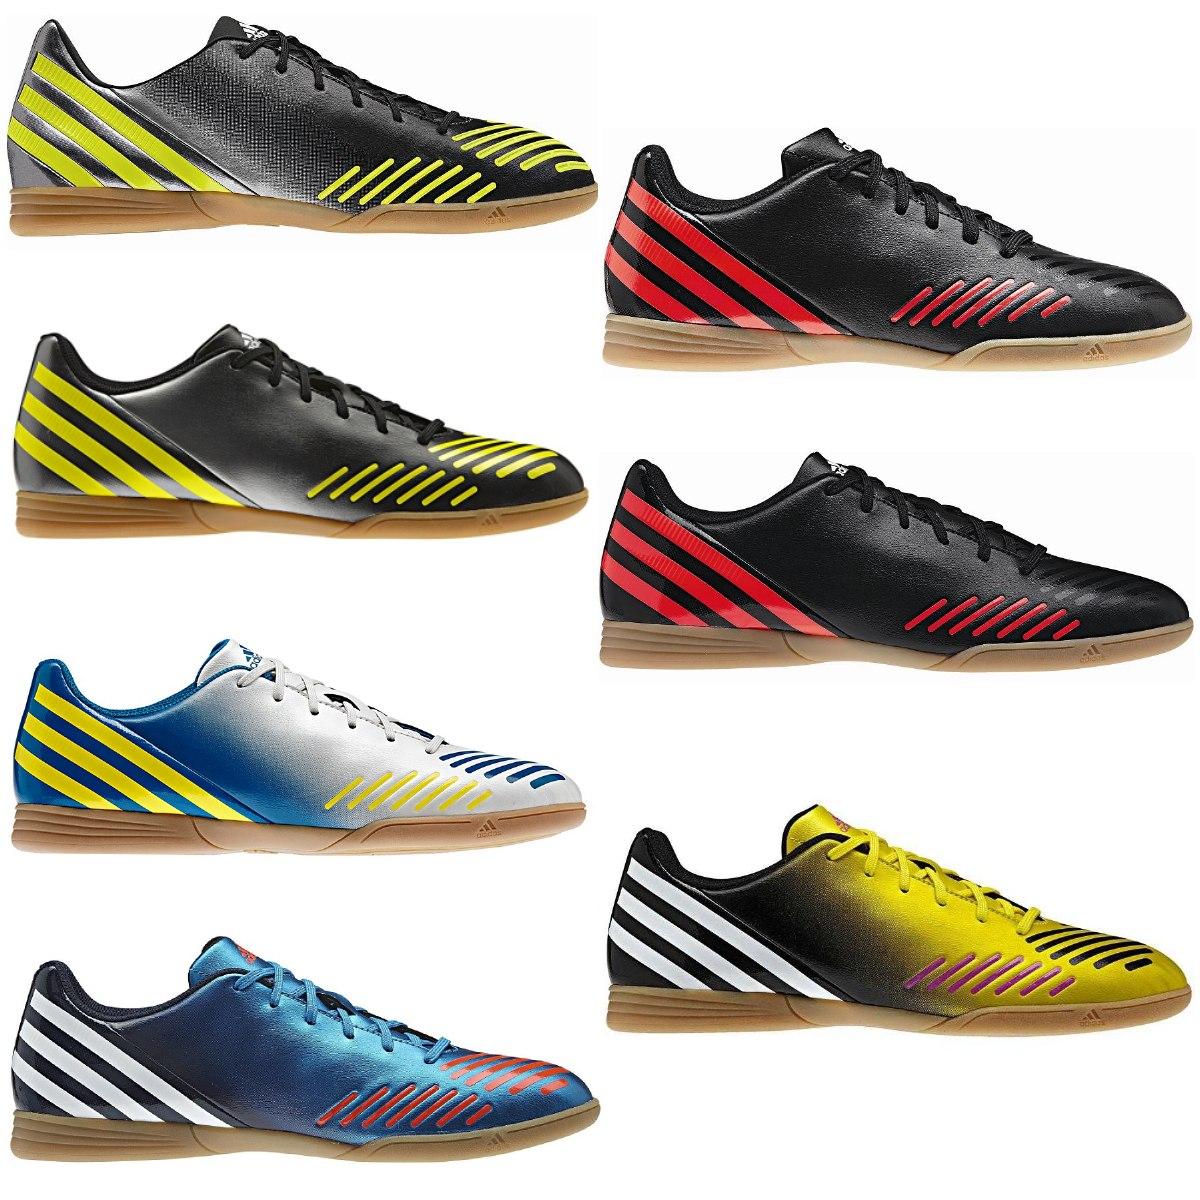 Adidas-Predito-LZ-IN-Hallenfussballschuhe-Indoor-Hallenschuhe-Schuhe-Lethal-Zones